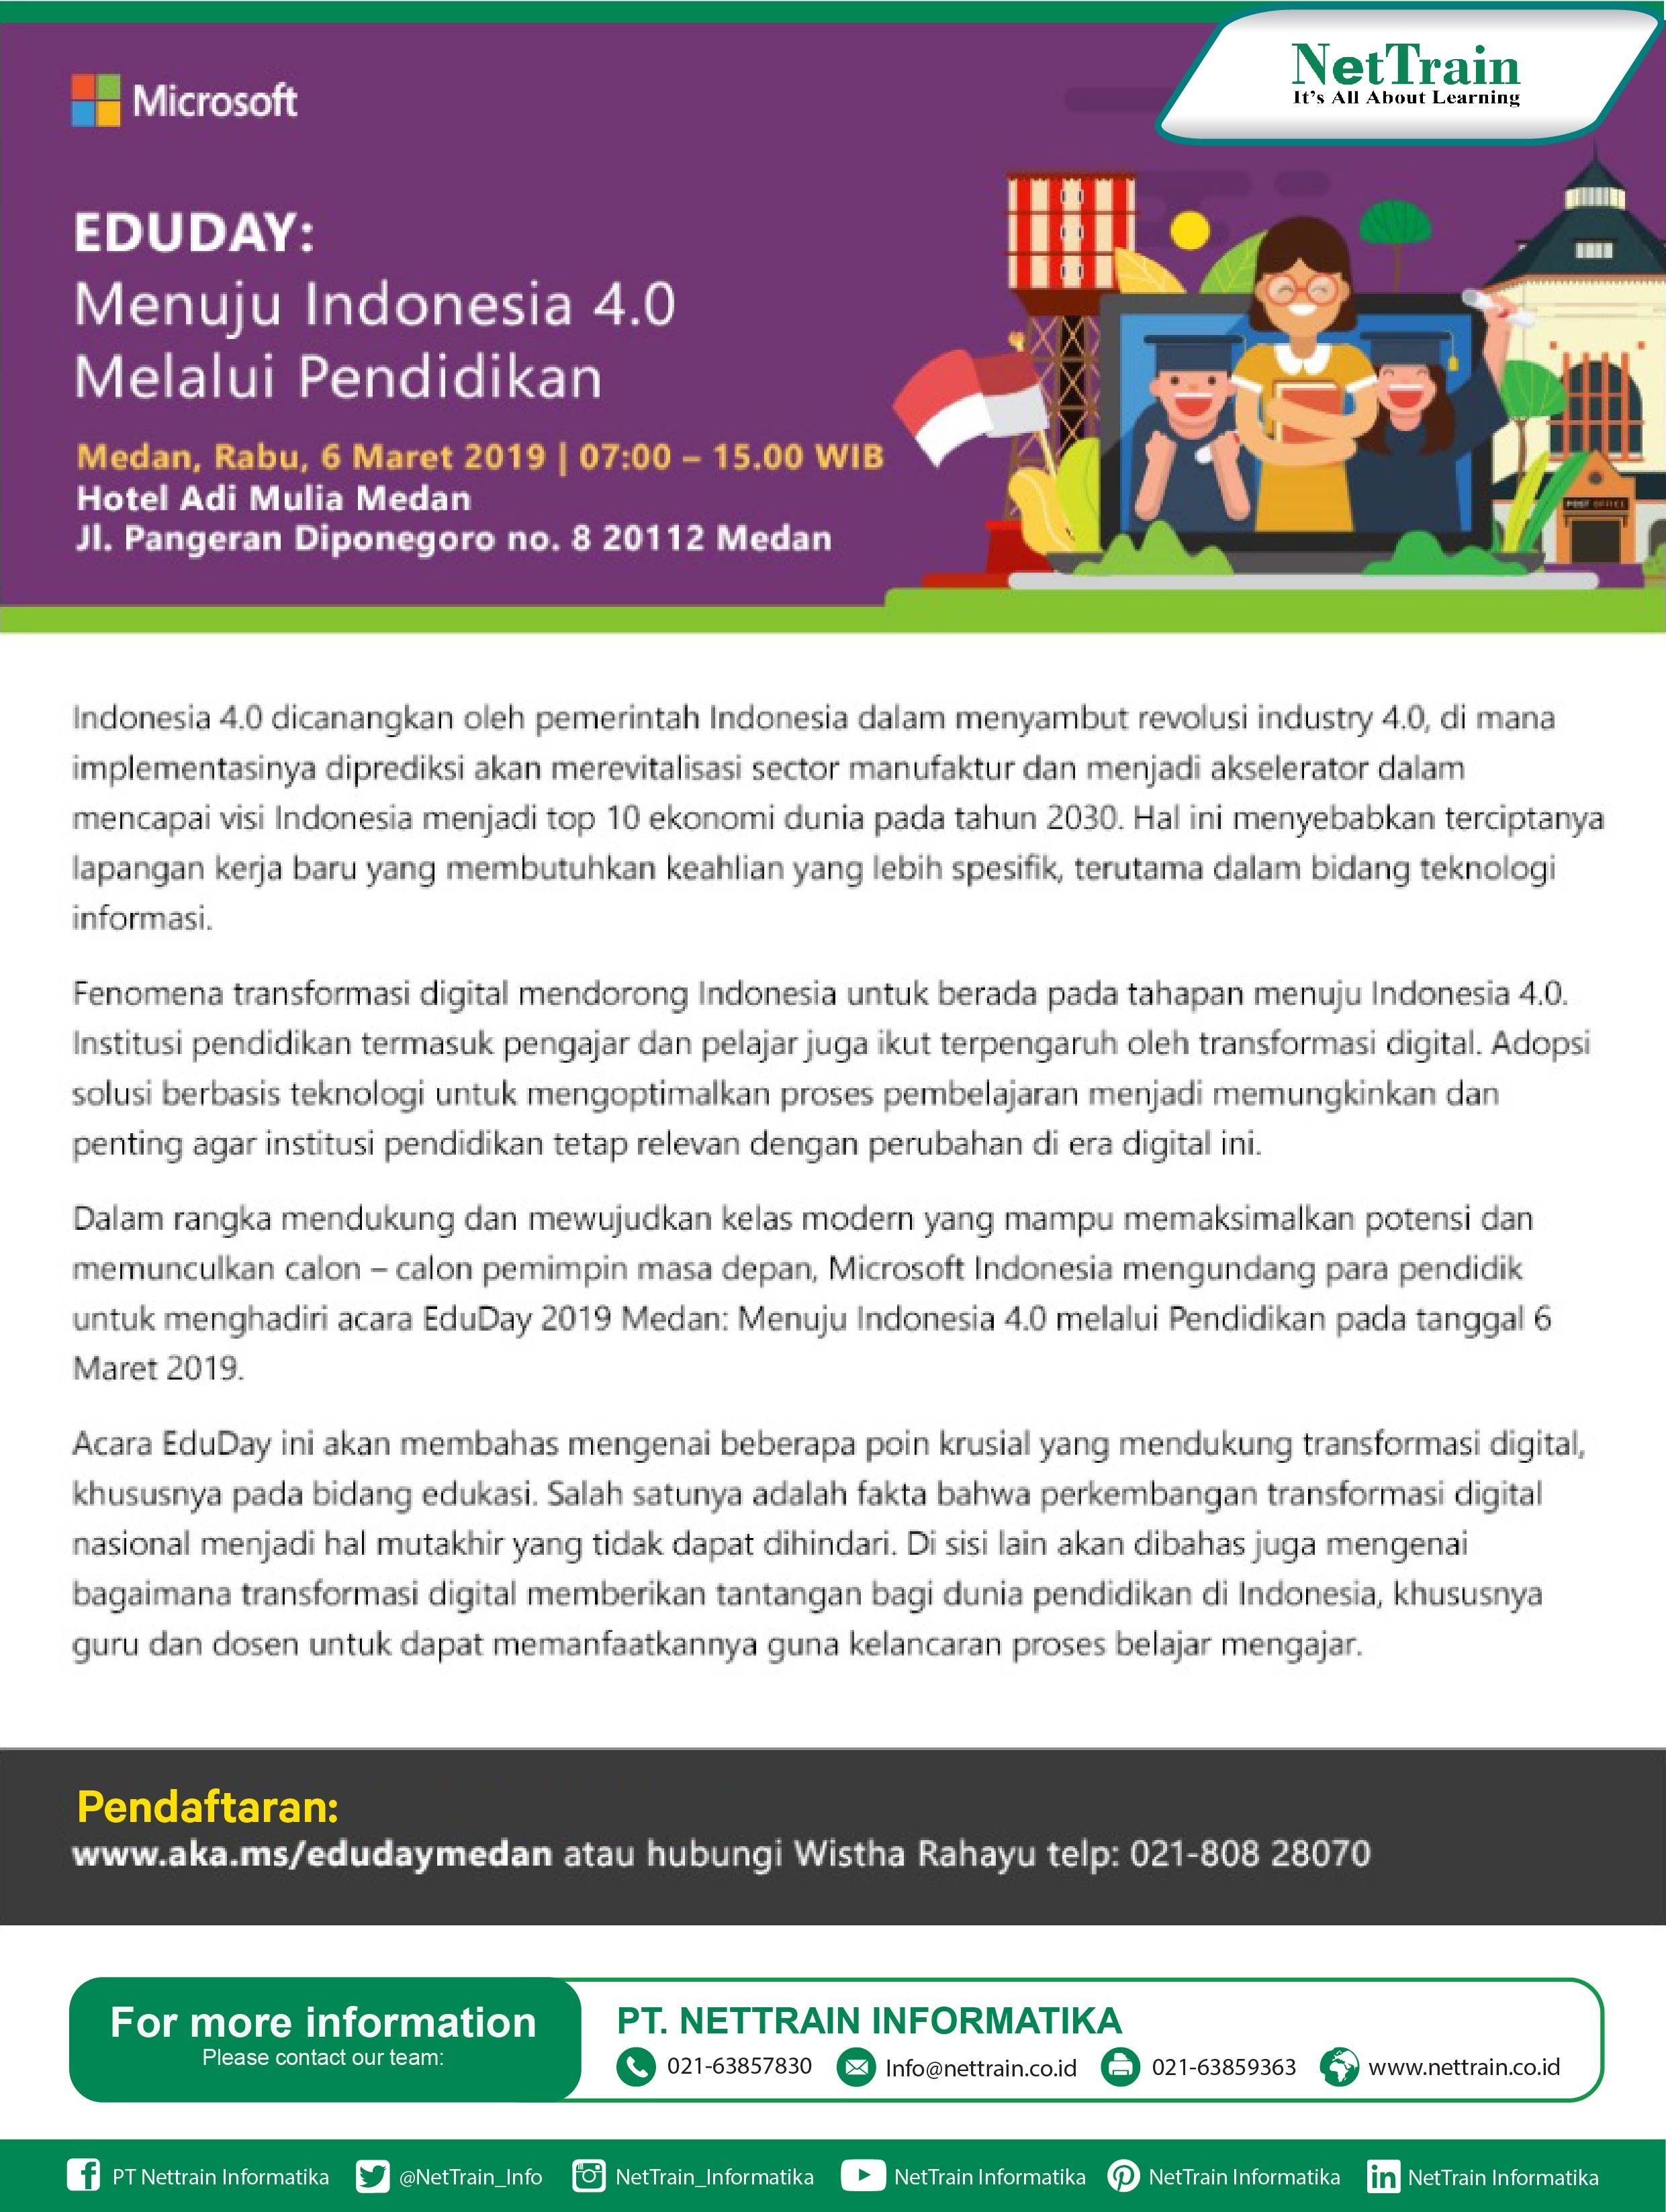 Microsoft Eduday Menuju Indonesia 4 0 Melalui Pendidikan Infonettrain Education Microsoft Eduday Pendidikan Pemerintah Microsoft